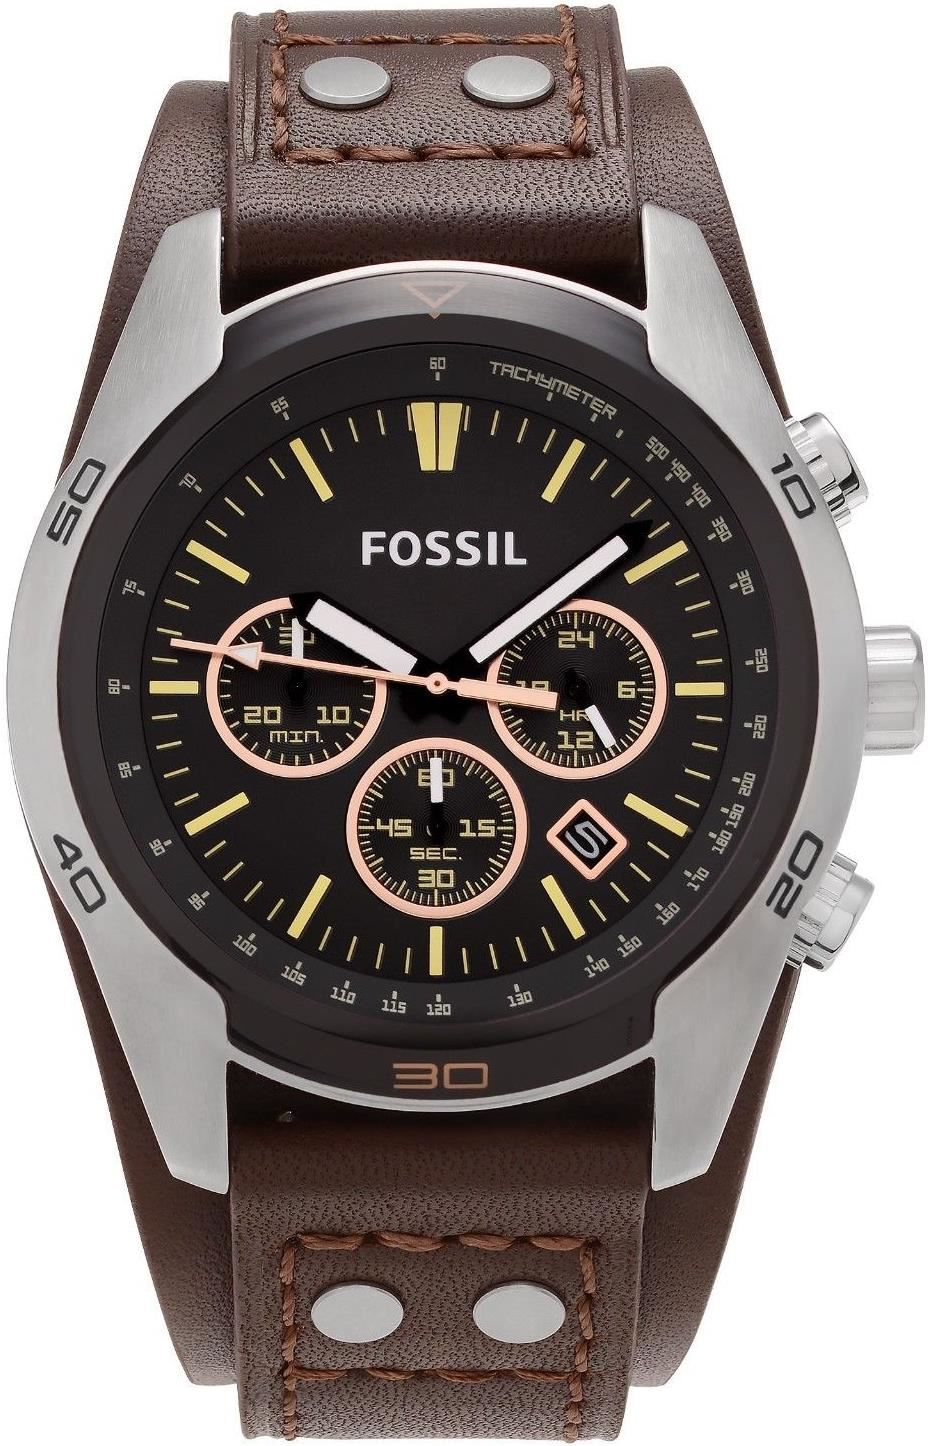 5a59f3531f6e Reloj Fossil Coachman CH2891 Cuero Analógico - Marrón y Negro ...